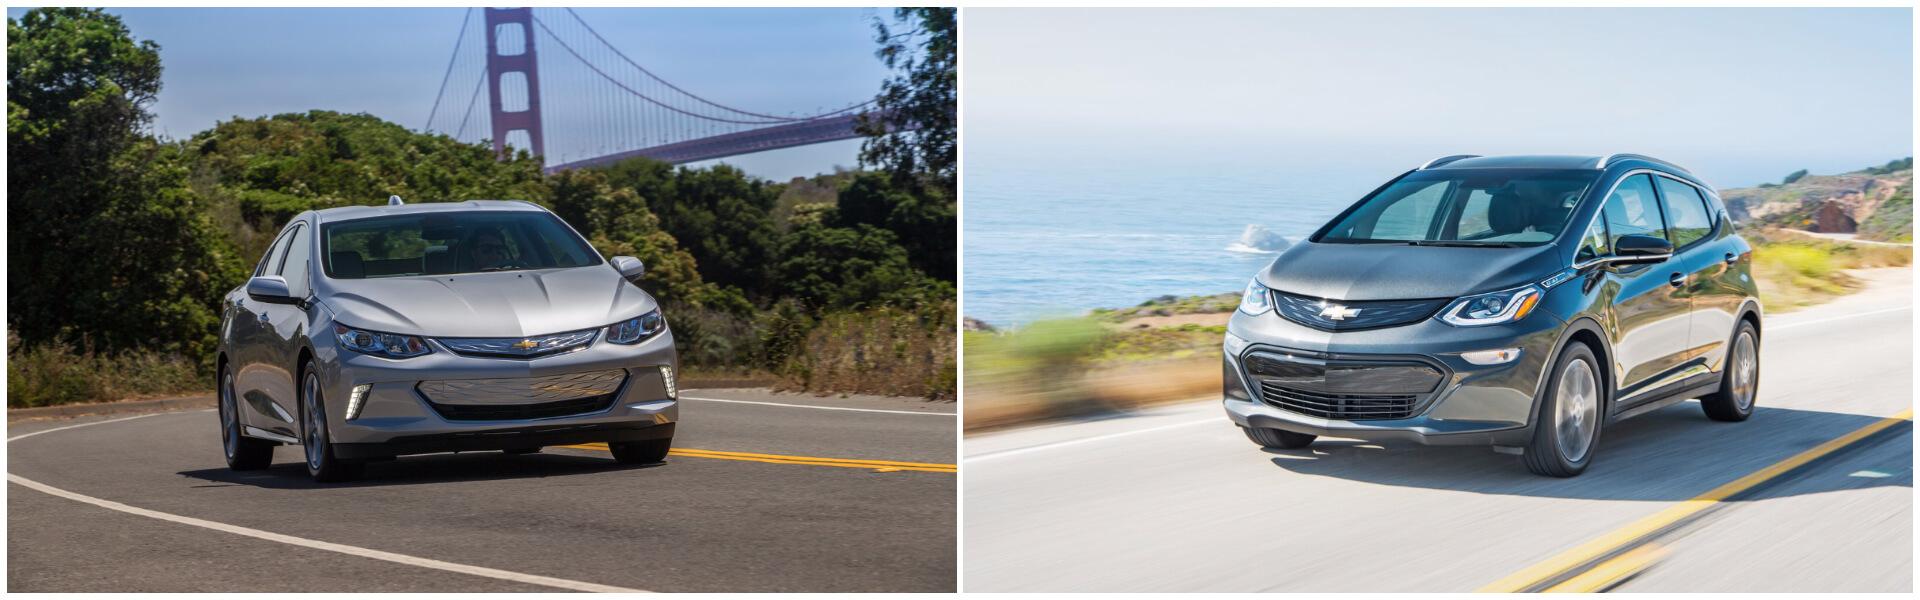 Плагин-гибрид Chevrolet Volt и электромобиль Chevrolet Bolt EV